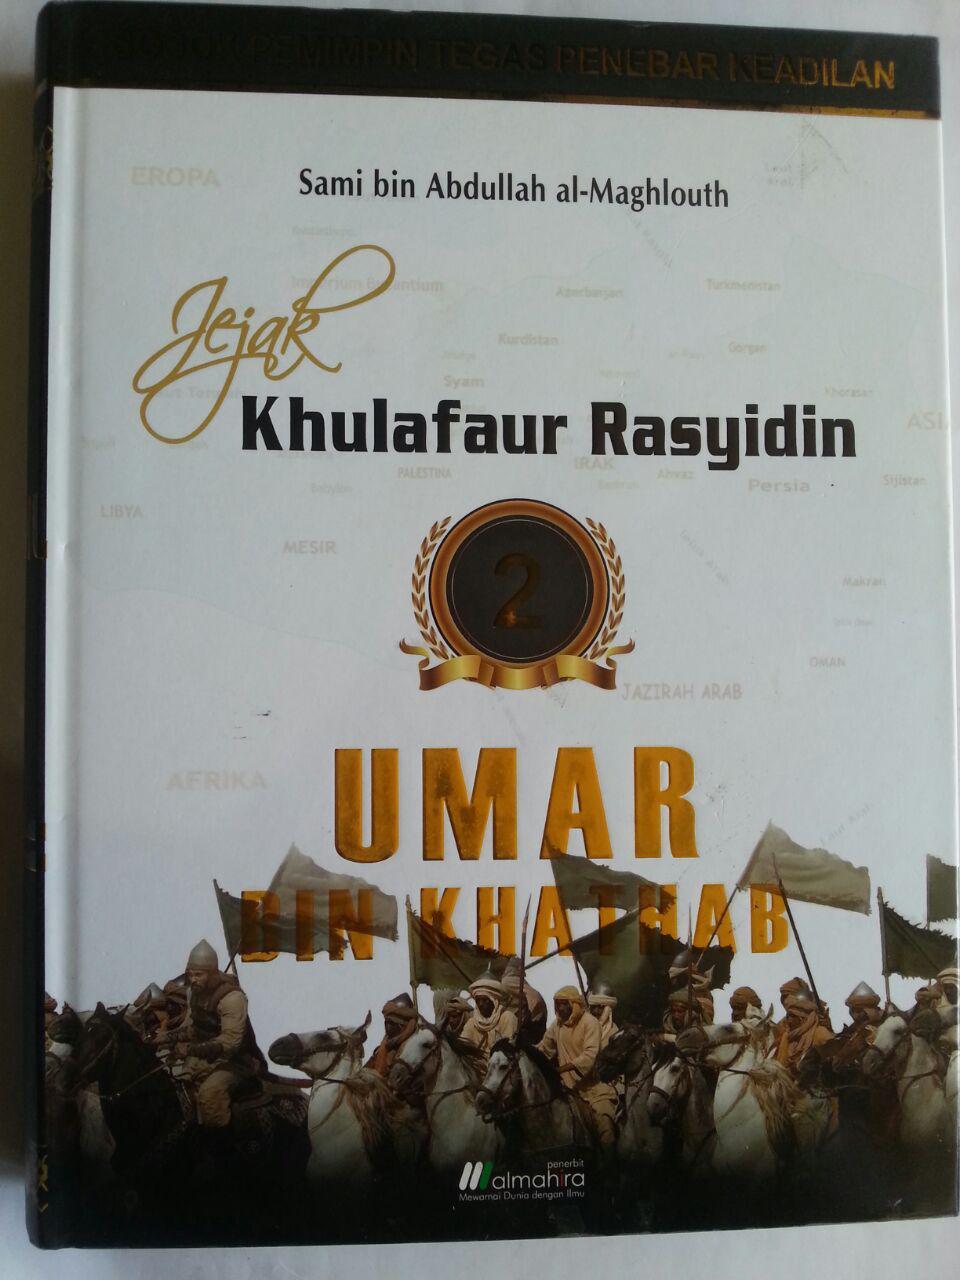 Buku Jejak Khulafaur Rasyidin Umar bin Khathab cover 2